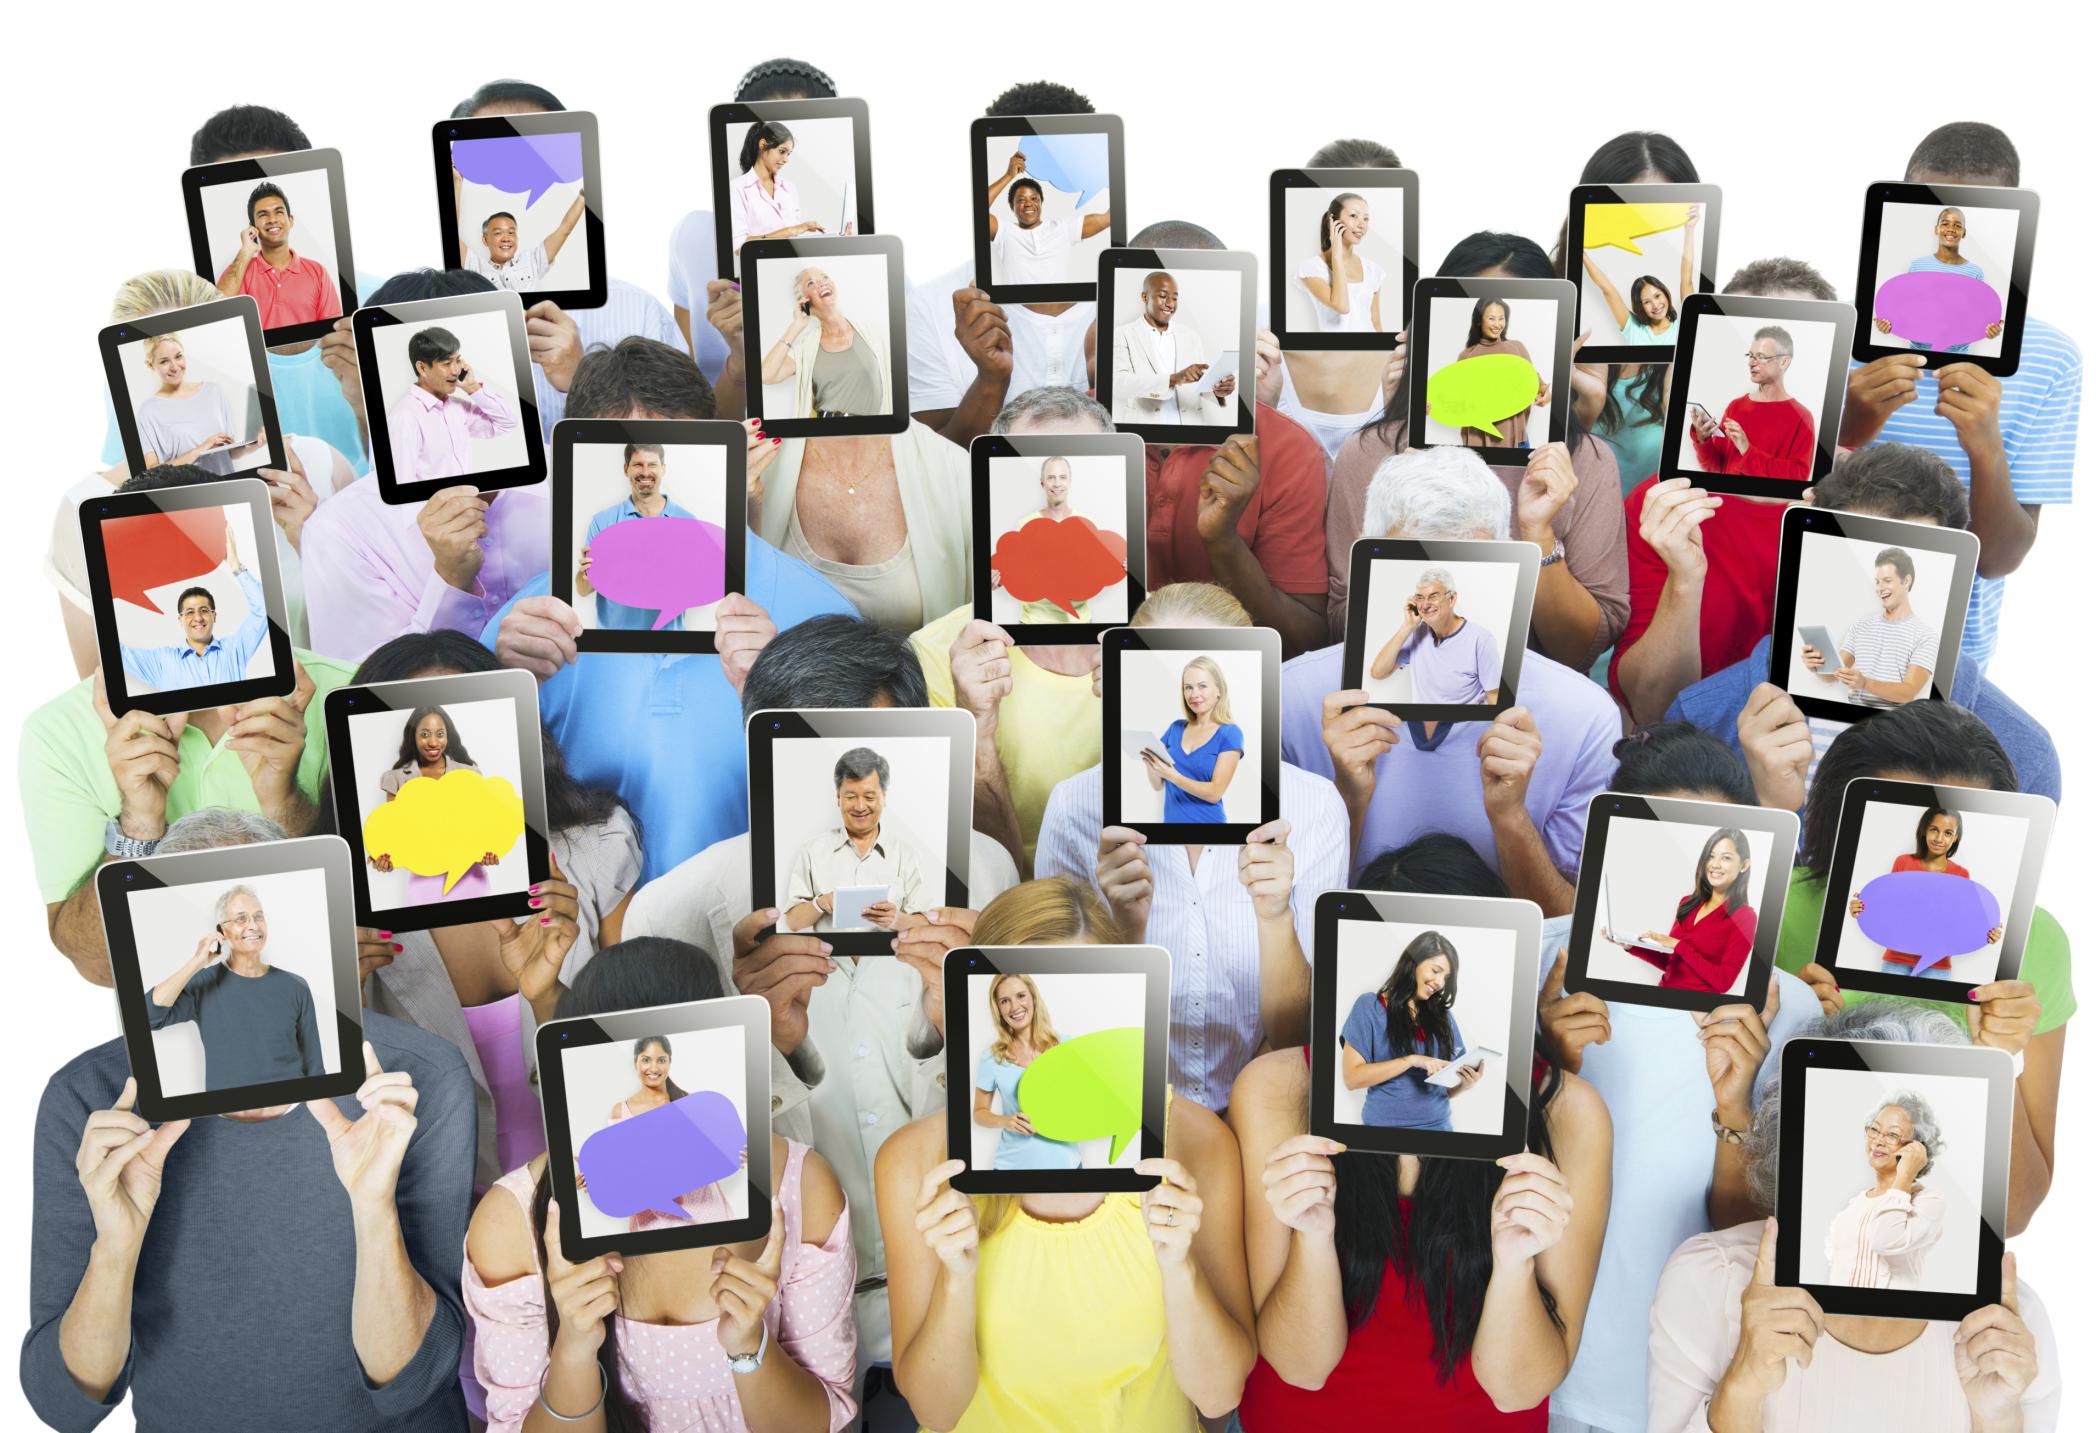 بازاریابی اینترنتی بازاریابی شبکه ای به روش اینترنتی